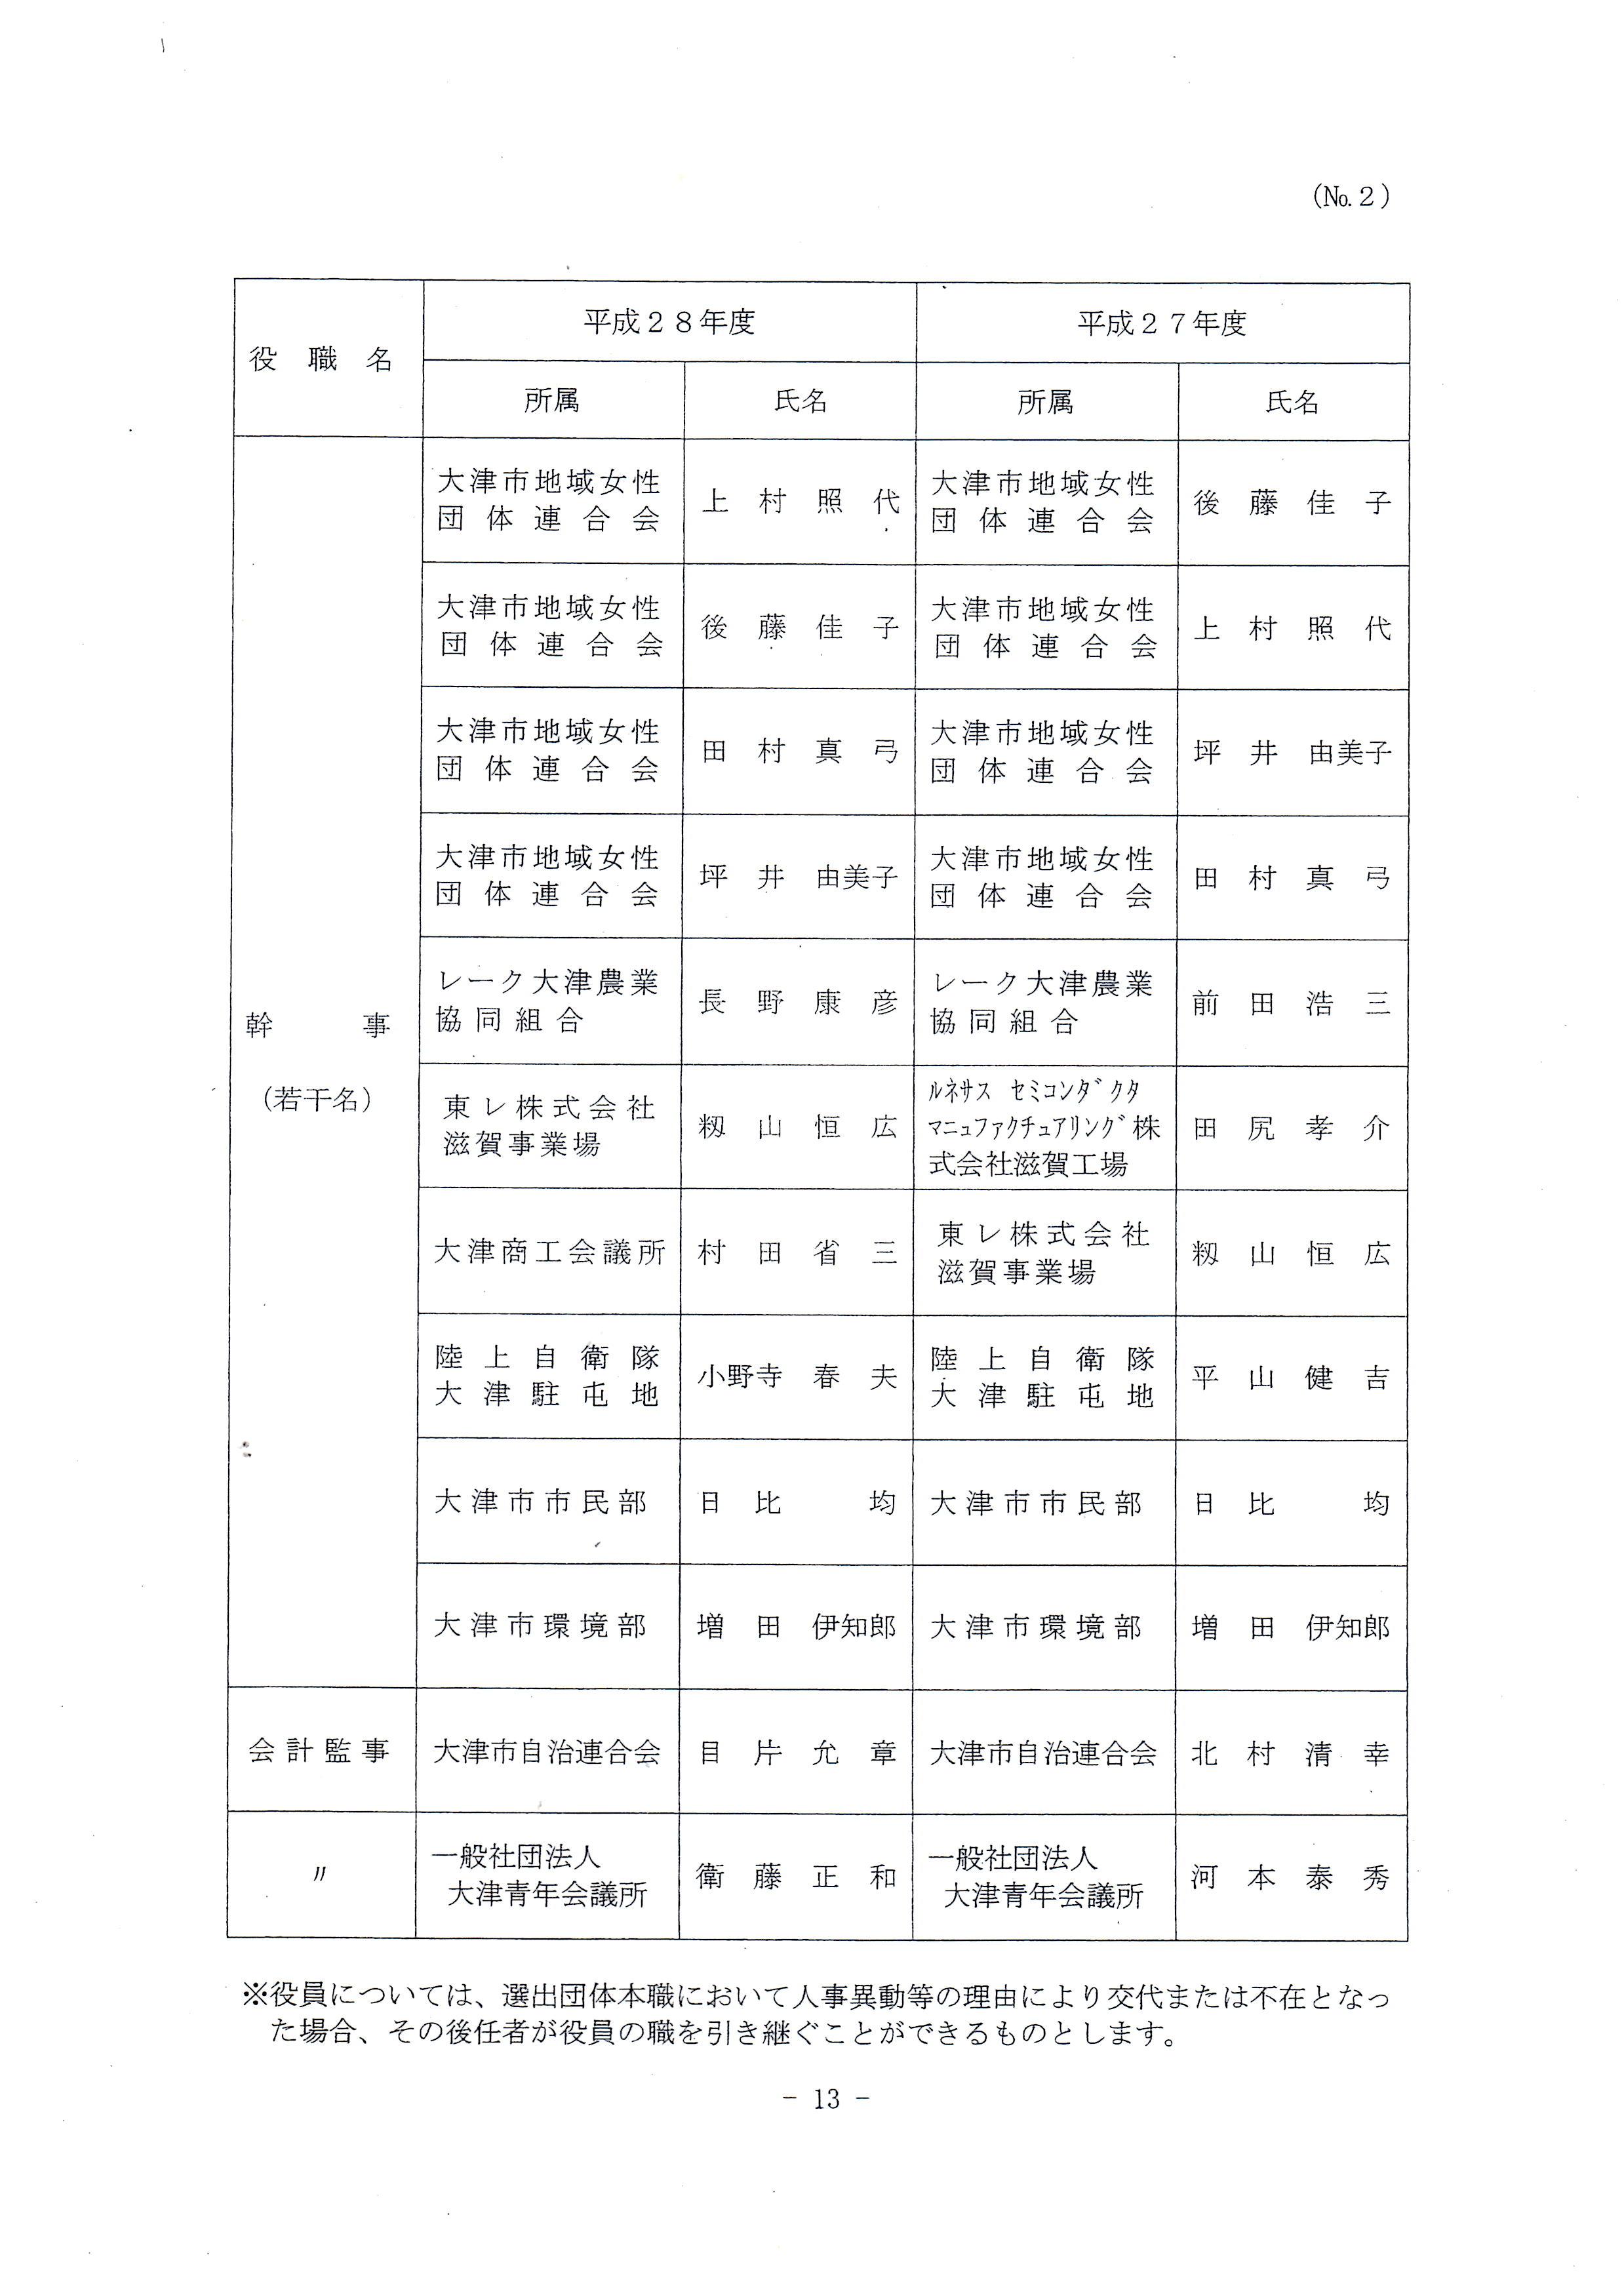 2016年度琵琶湖を美しくする運動実践本部(役員名)②